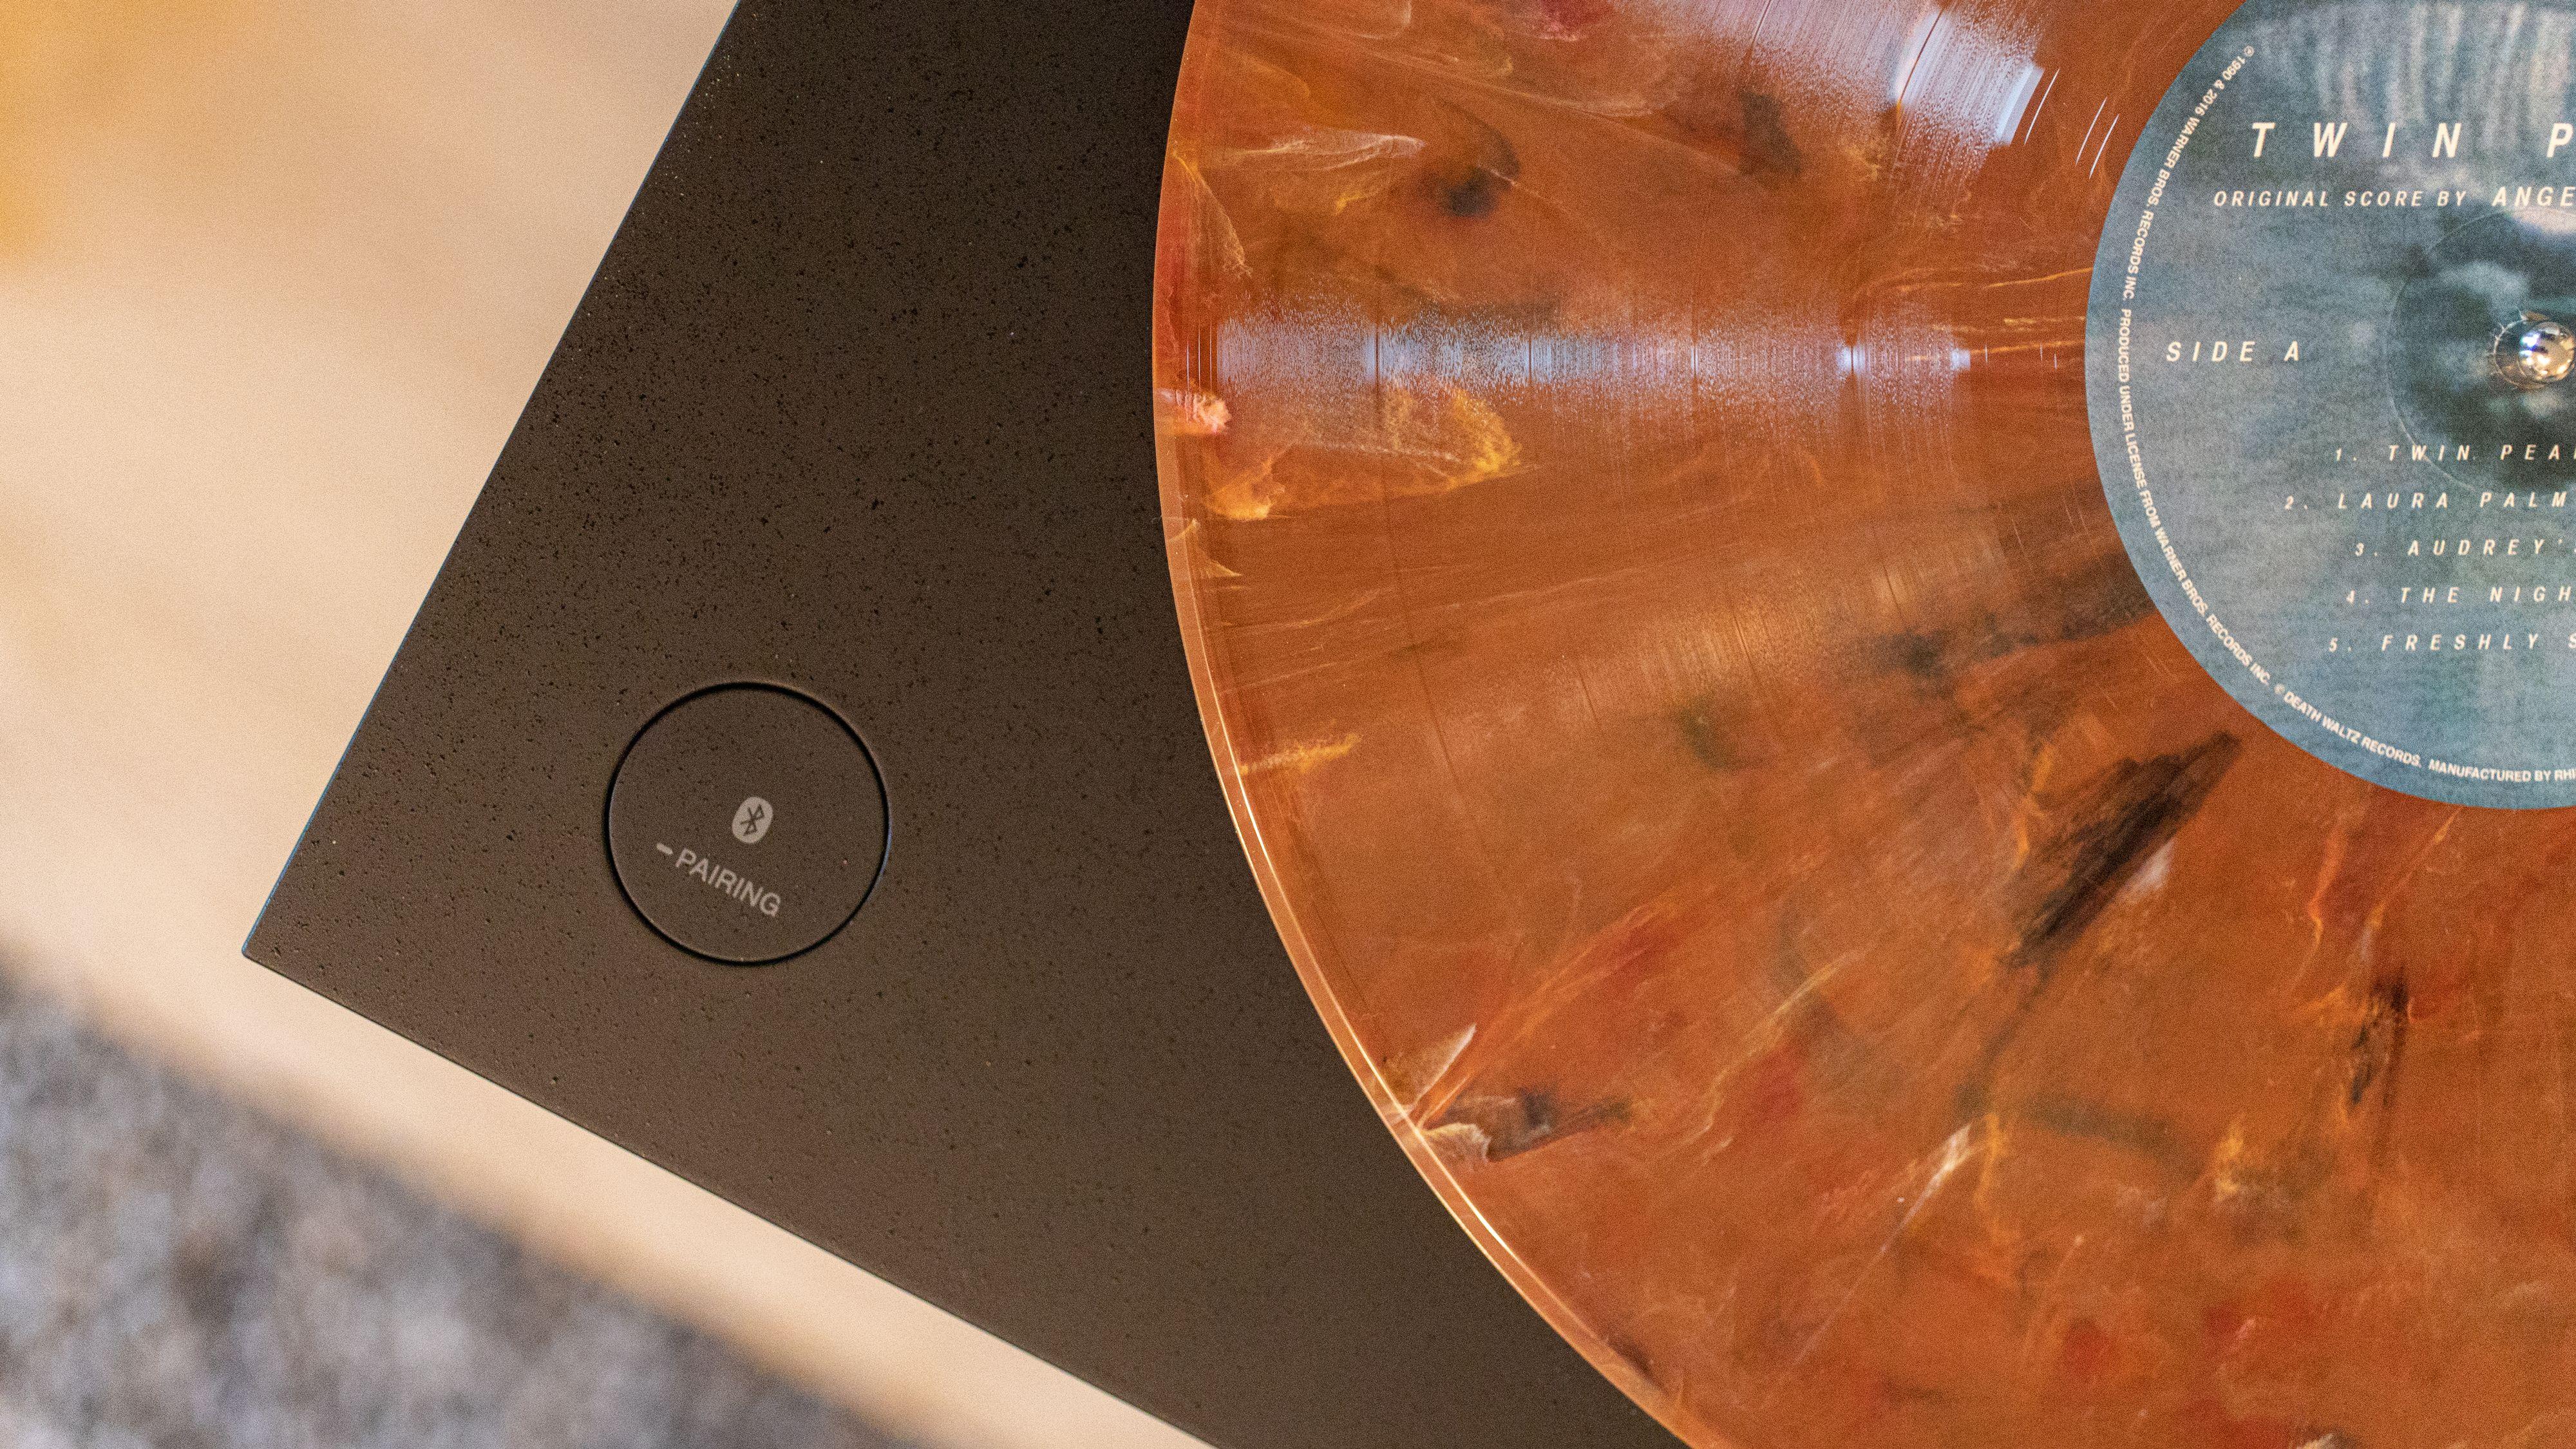 Et trykk på denne knappen og lyden blir strømmet til blåtann-enhetene dine.